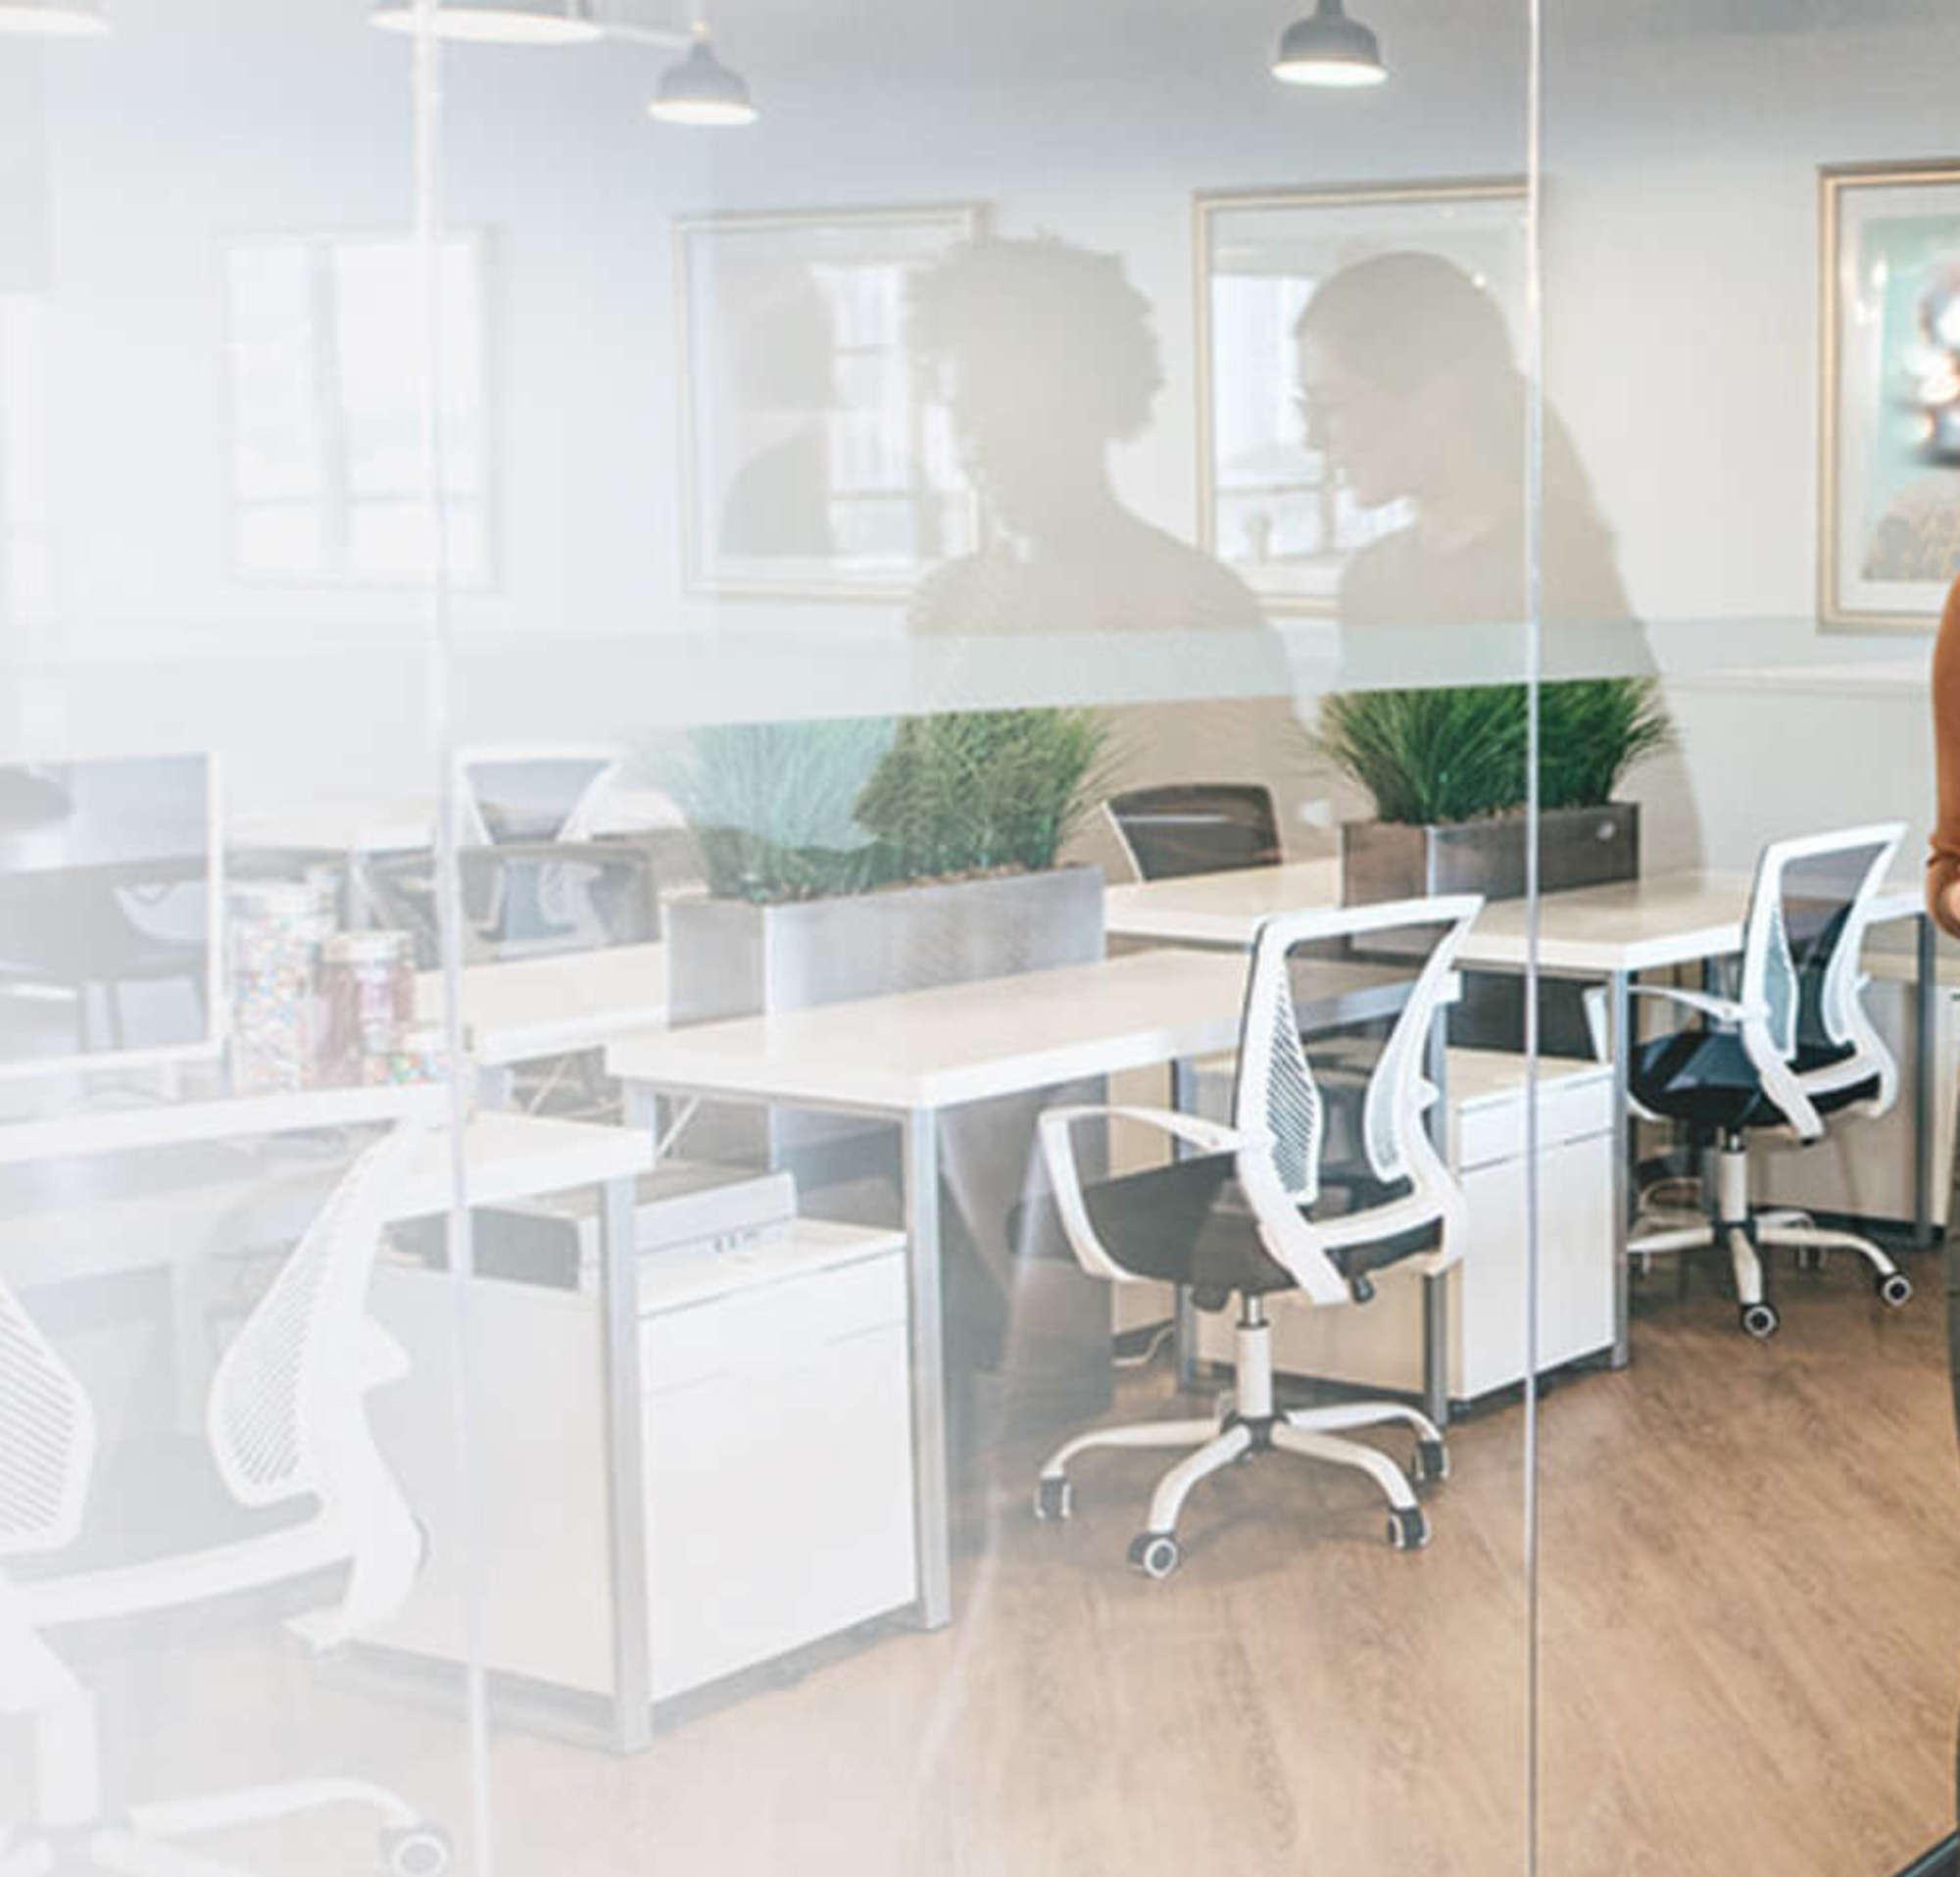 Dos mujeres en una sala de reuniones de la oficina caminando y hablando mientras miran un documento.